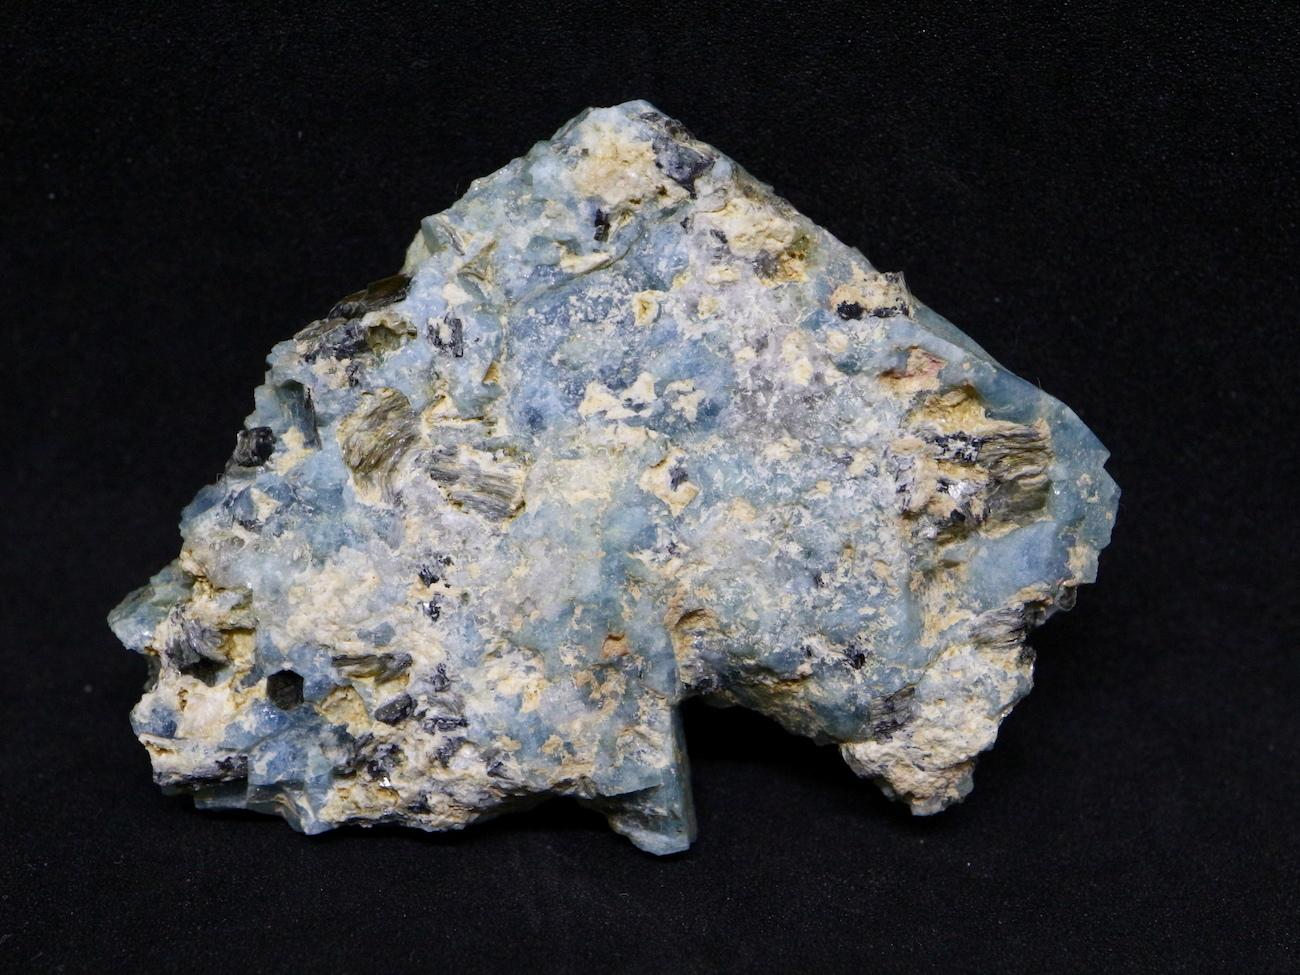 ブルーベリルアクアマリン カリフォルニア産  14,5g 原石 AQ034